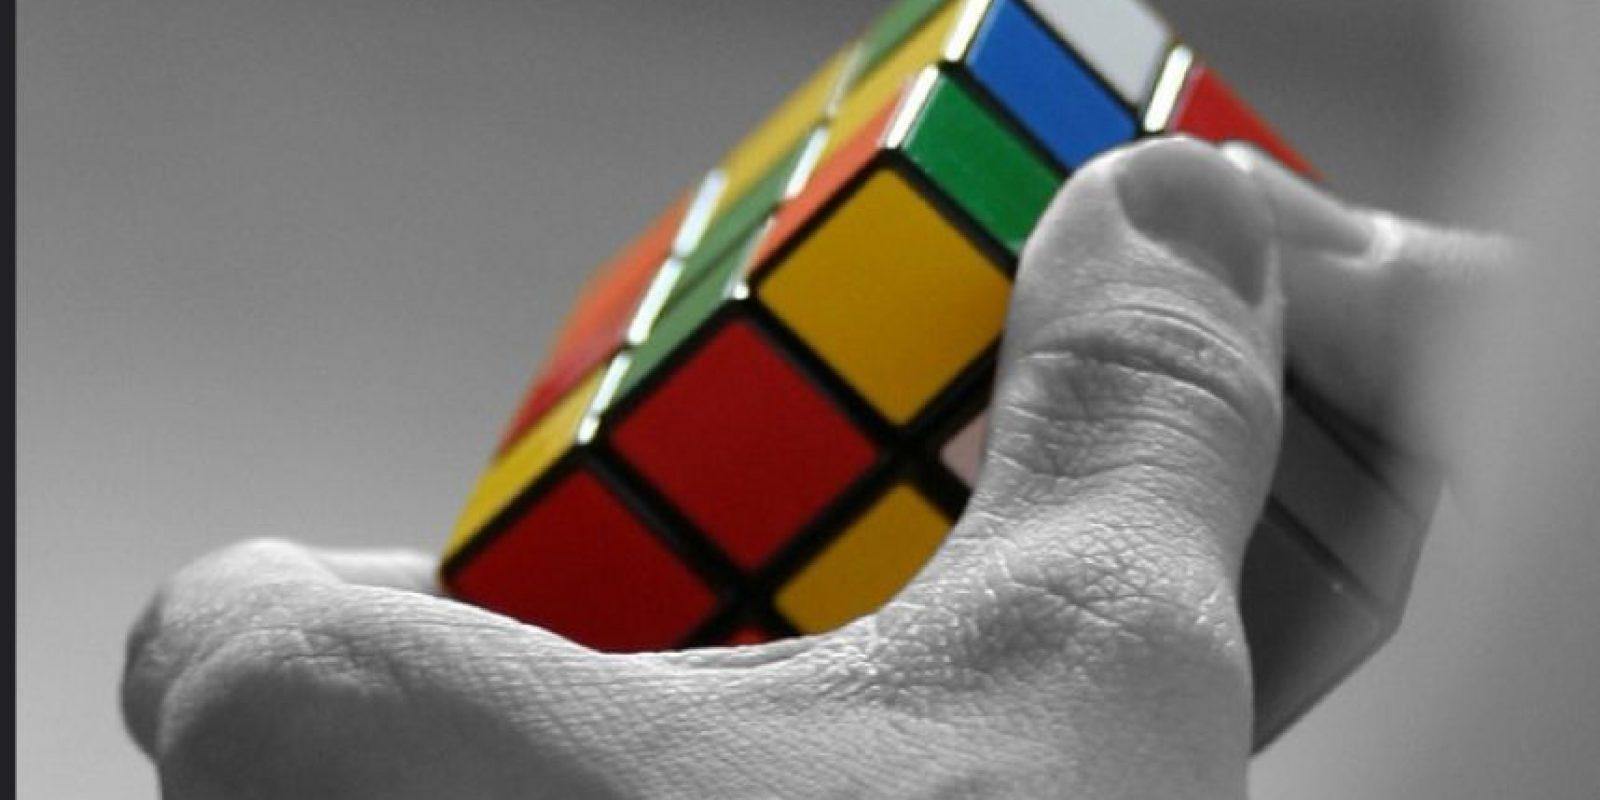 Fue hasta 1982, que el récord mundial resolviendo un cubo estándar se situó en 22,95 segundos. Foto:Vía Flickr